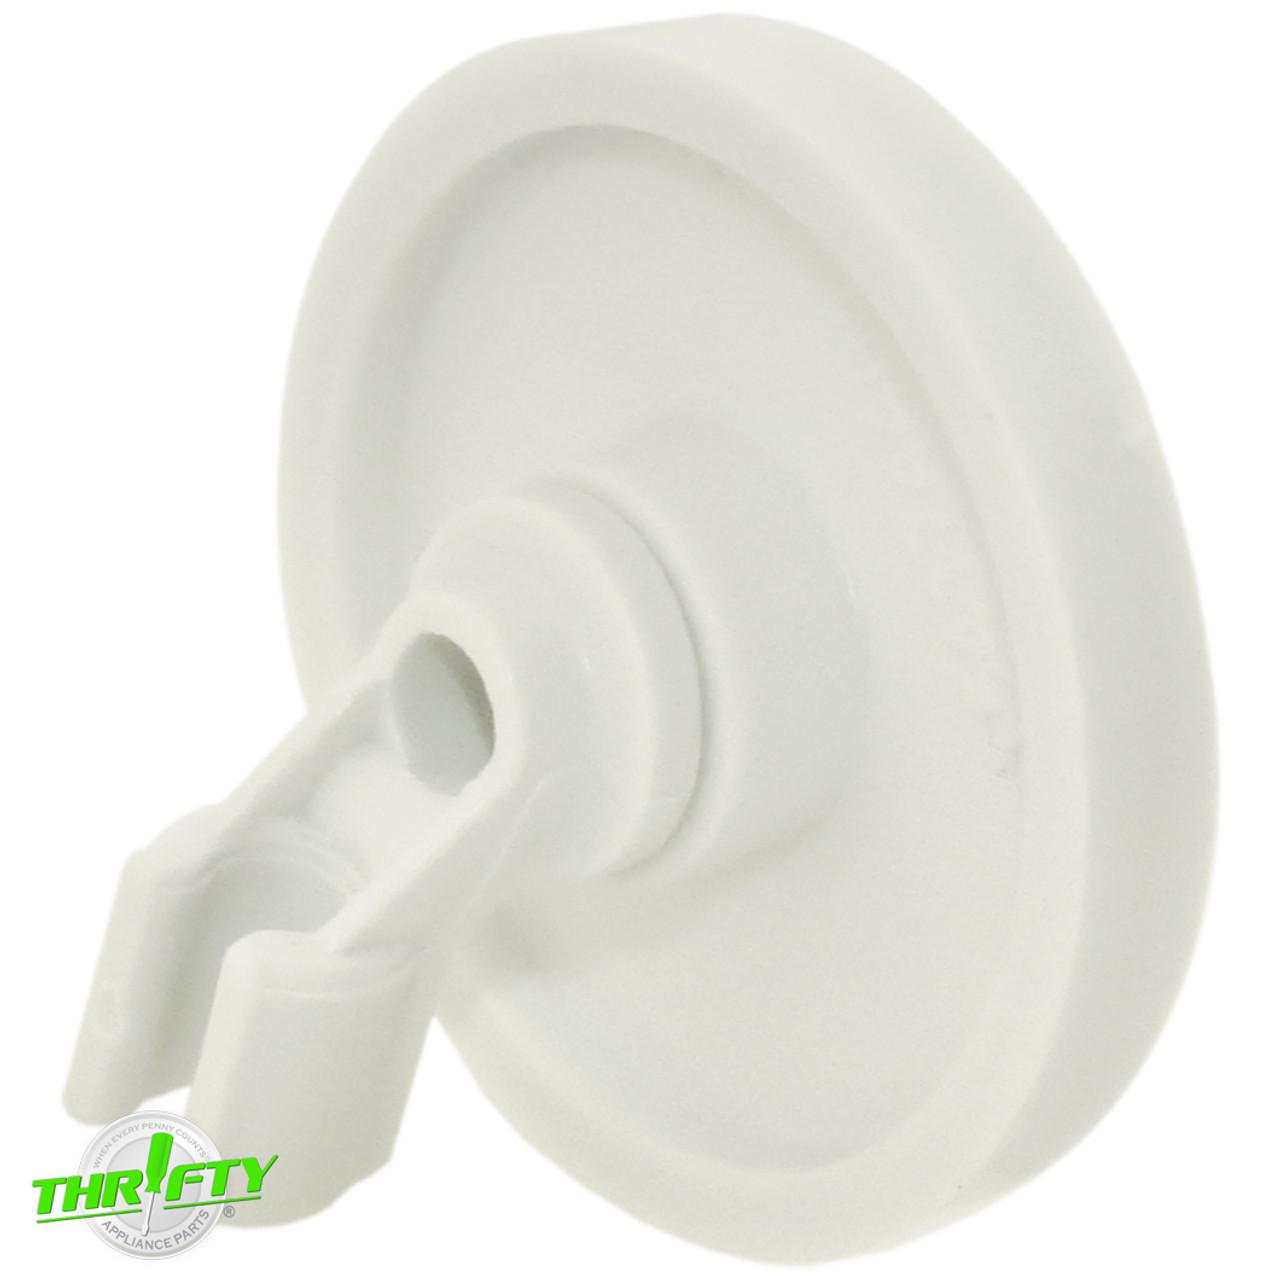 154174501 dishwasher lower rack roller for frigidaire